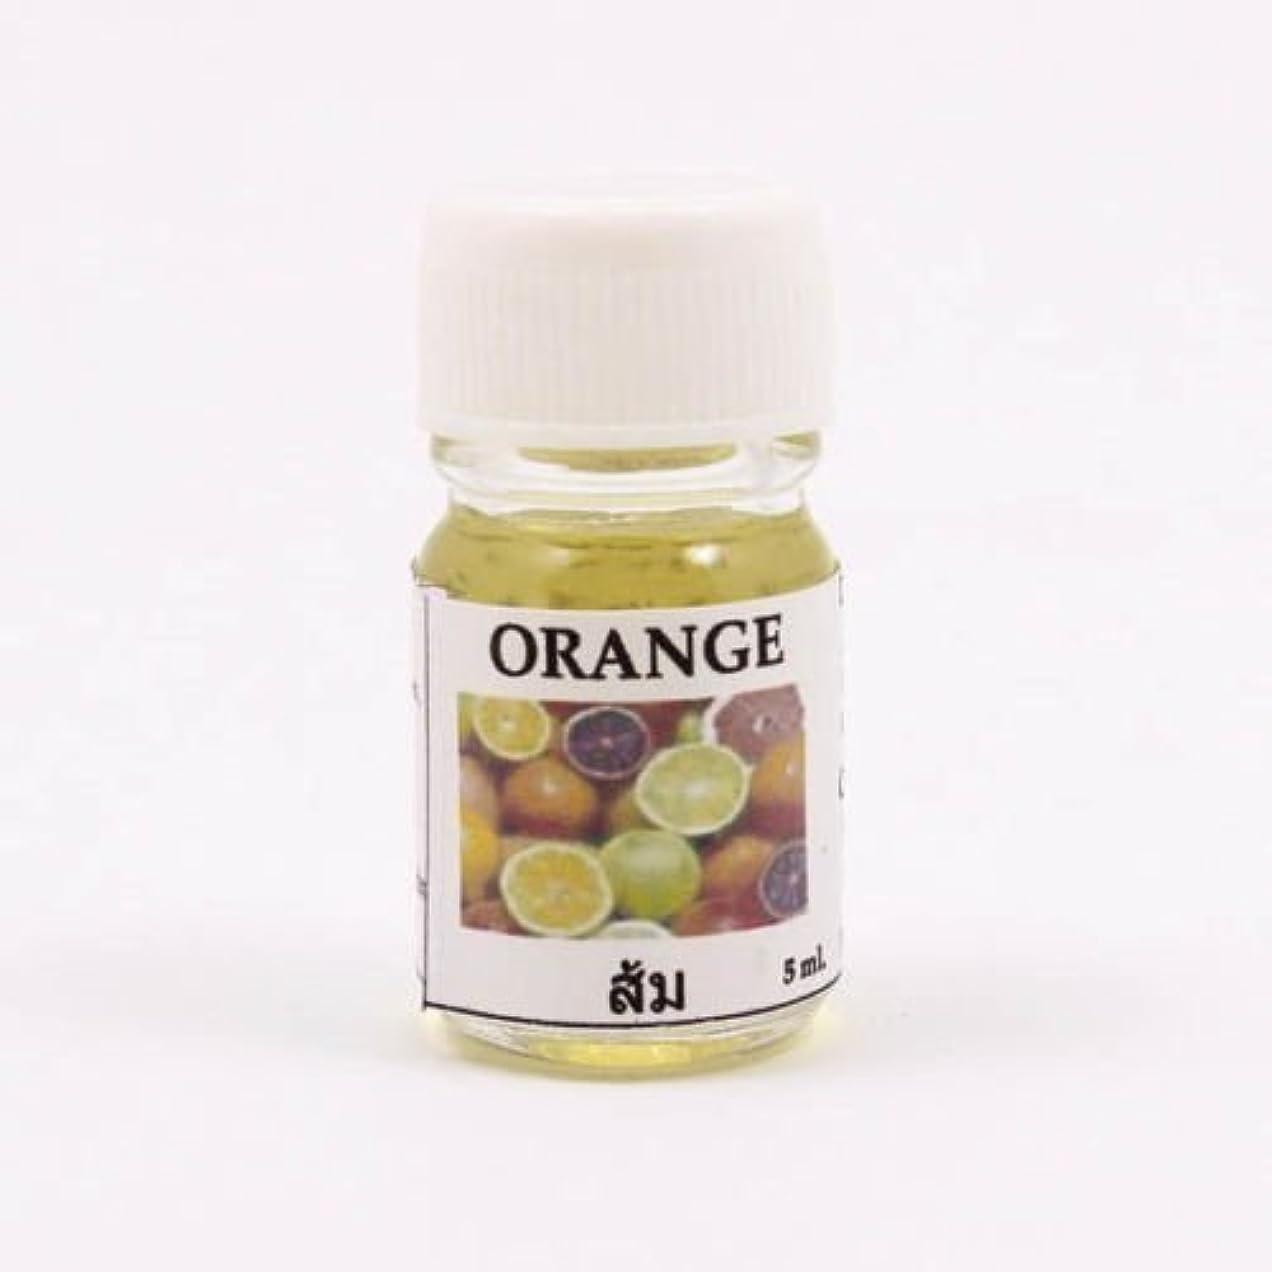 悲しいことにペンチャネル6X Orange Aroma Fragrance Essential Oil 5ML. (cc) Diffuser Burner Therapy